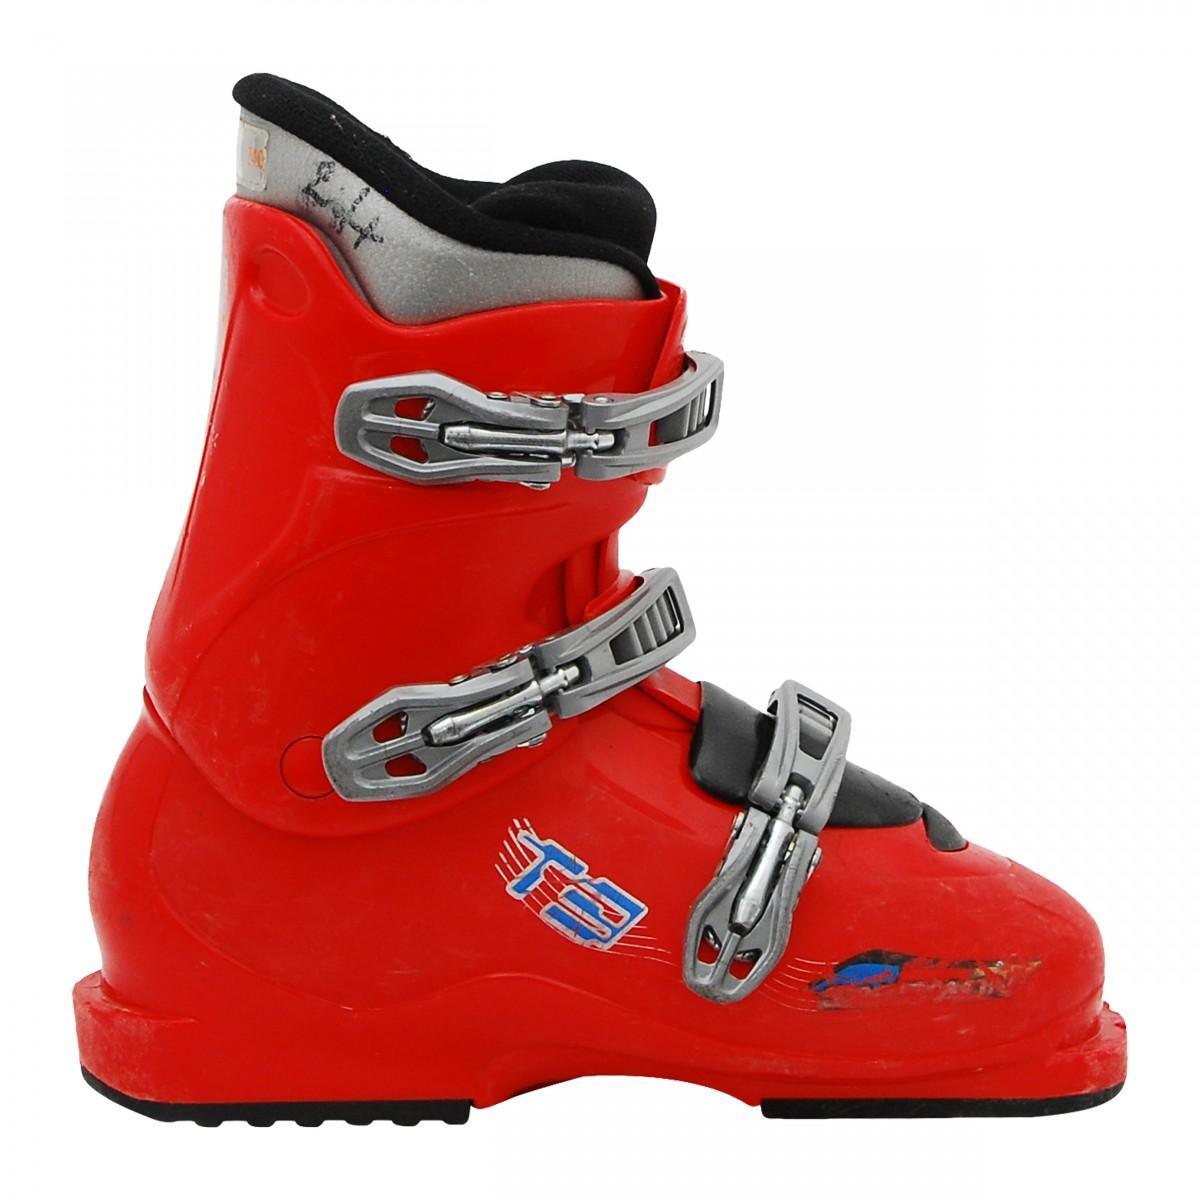 Chaussure ski occasion Salomon Junior T2 T3 performa rouge